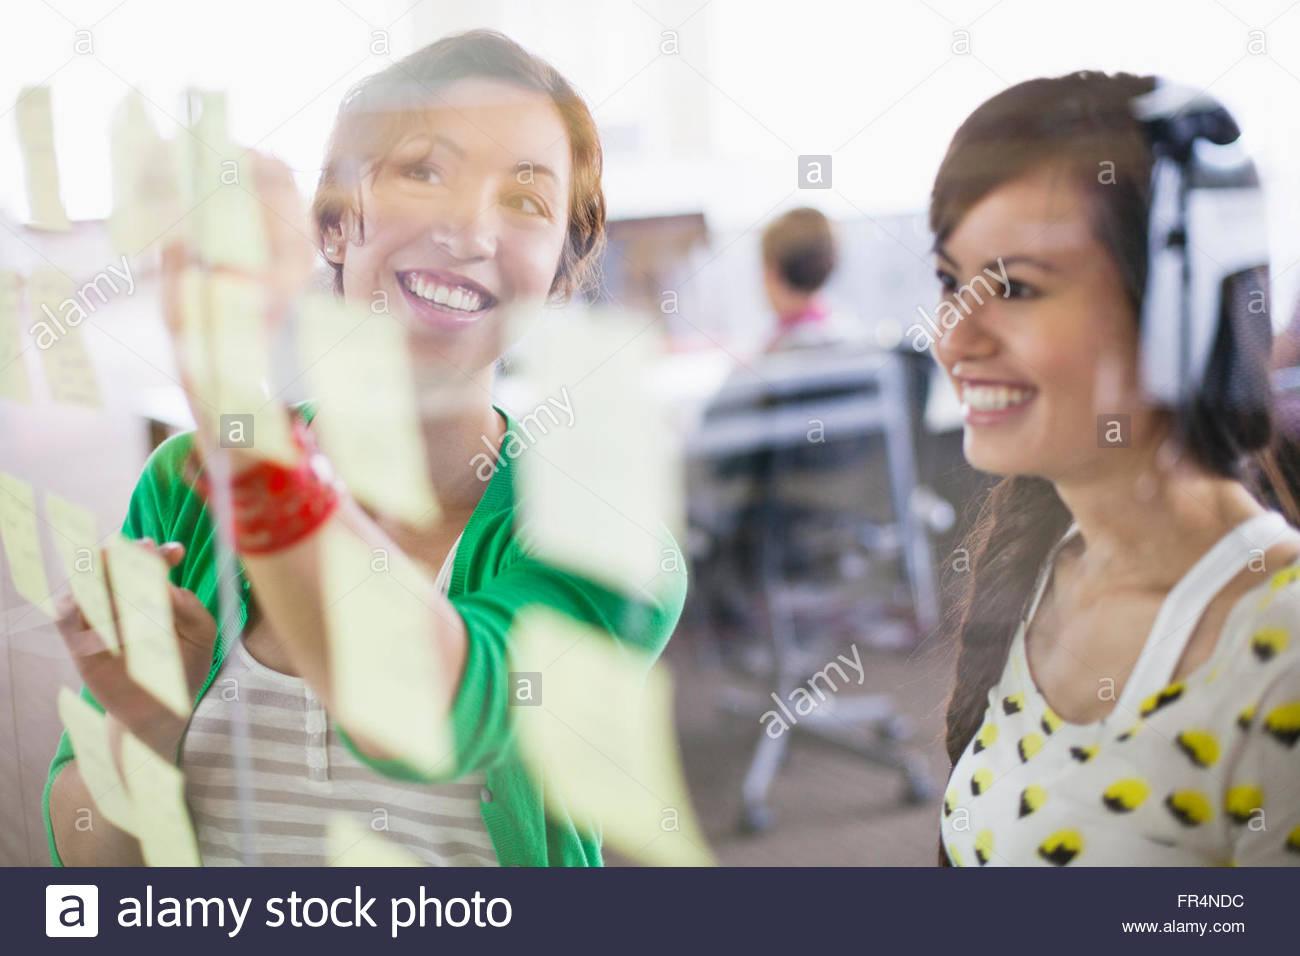 Joven Empresaria revisar el diagrama de flujo sobre la pared de vidrio Imagen De Stock